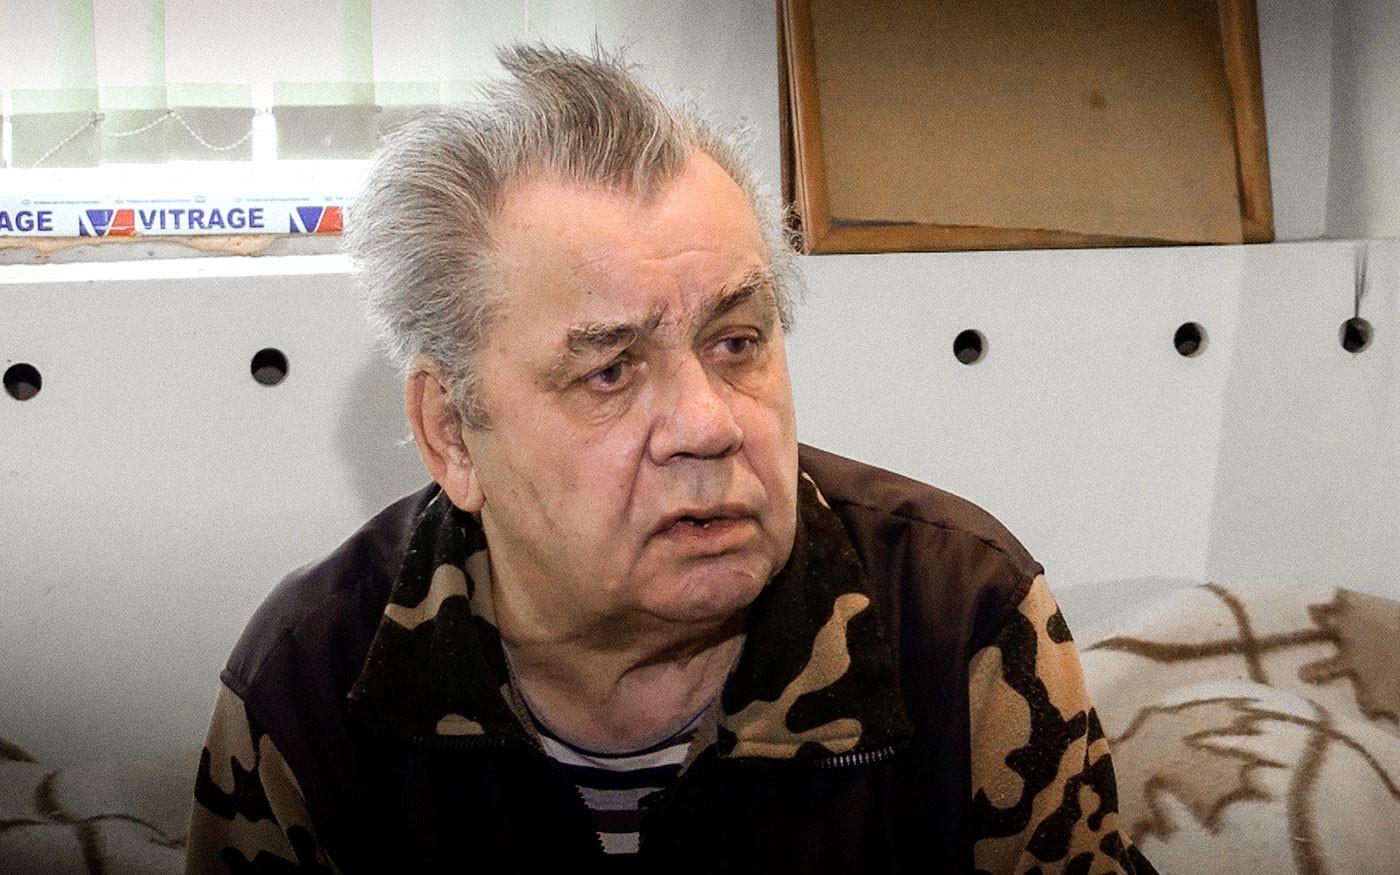 Бывший директор совхоза Пётр Рябцев. Фото: © Кадр из видео